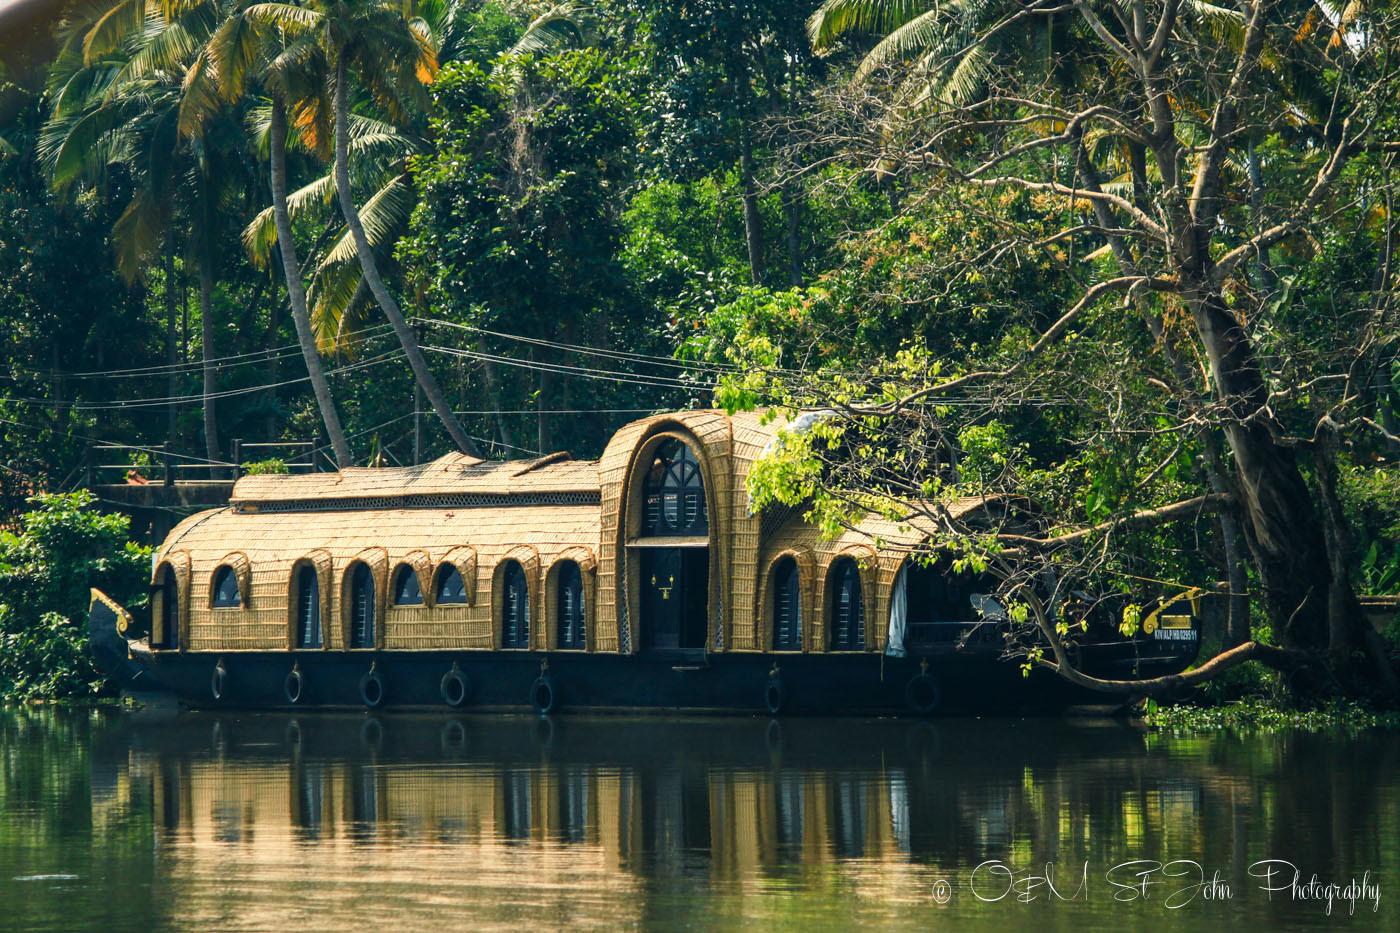 Luxurious Kettuvallam (house boat) in Kerala Backwaters, India